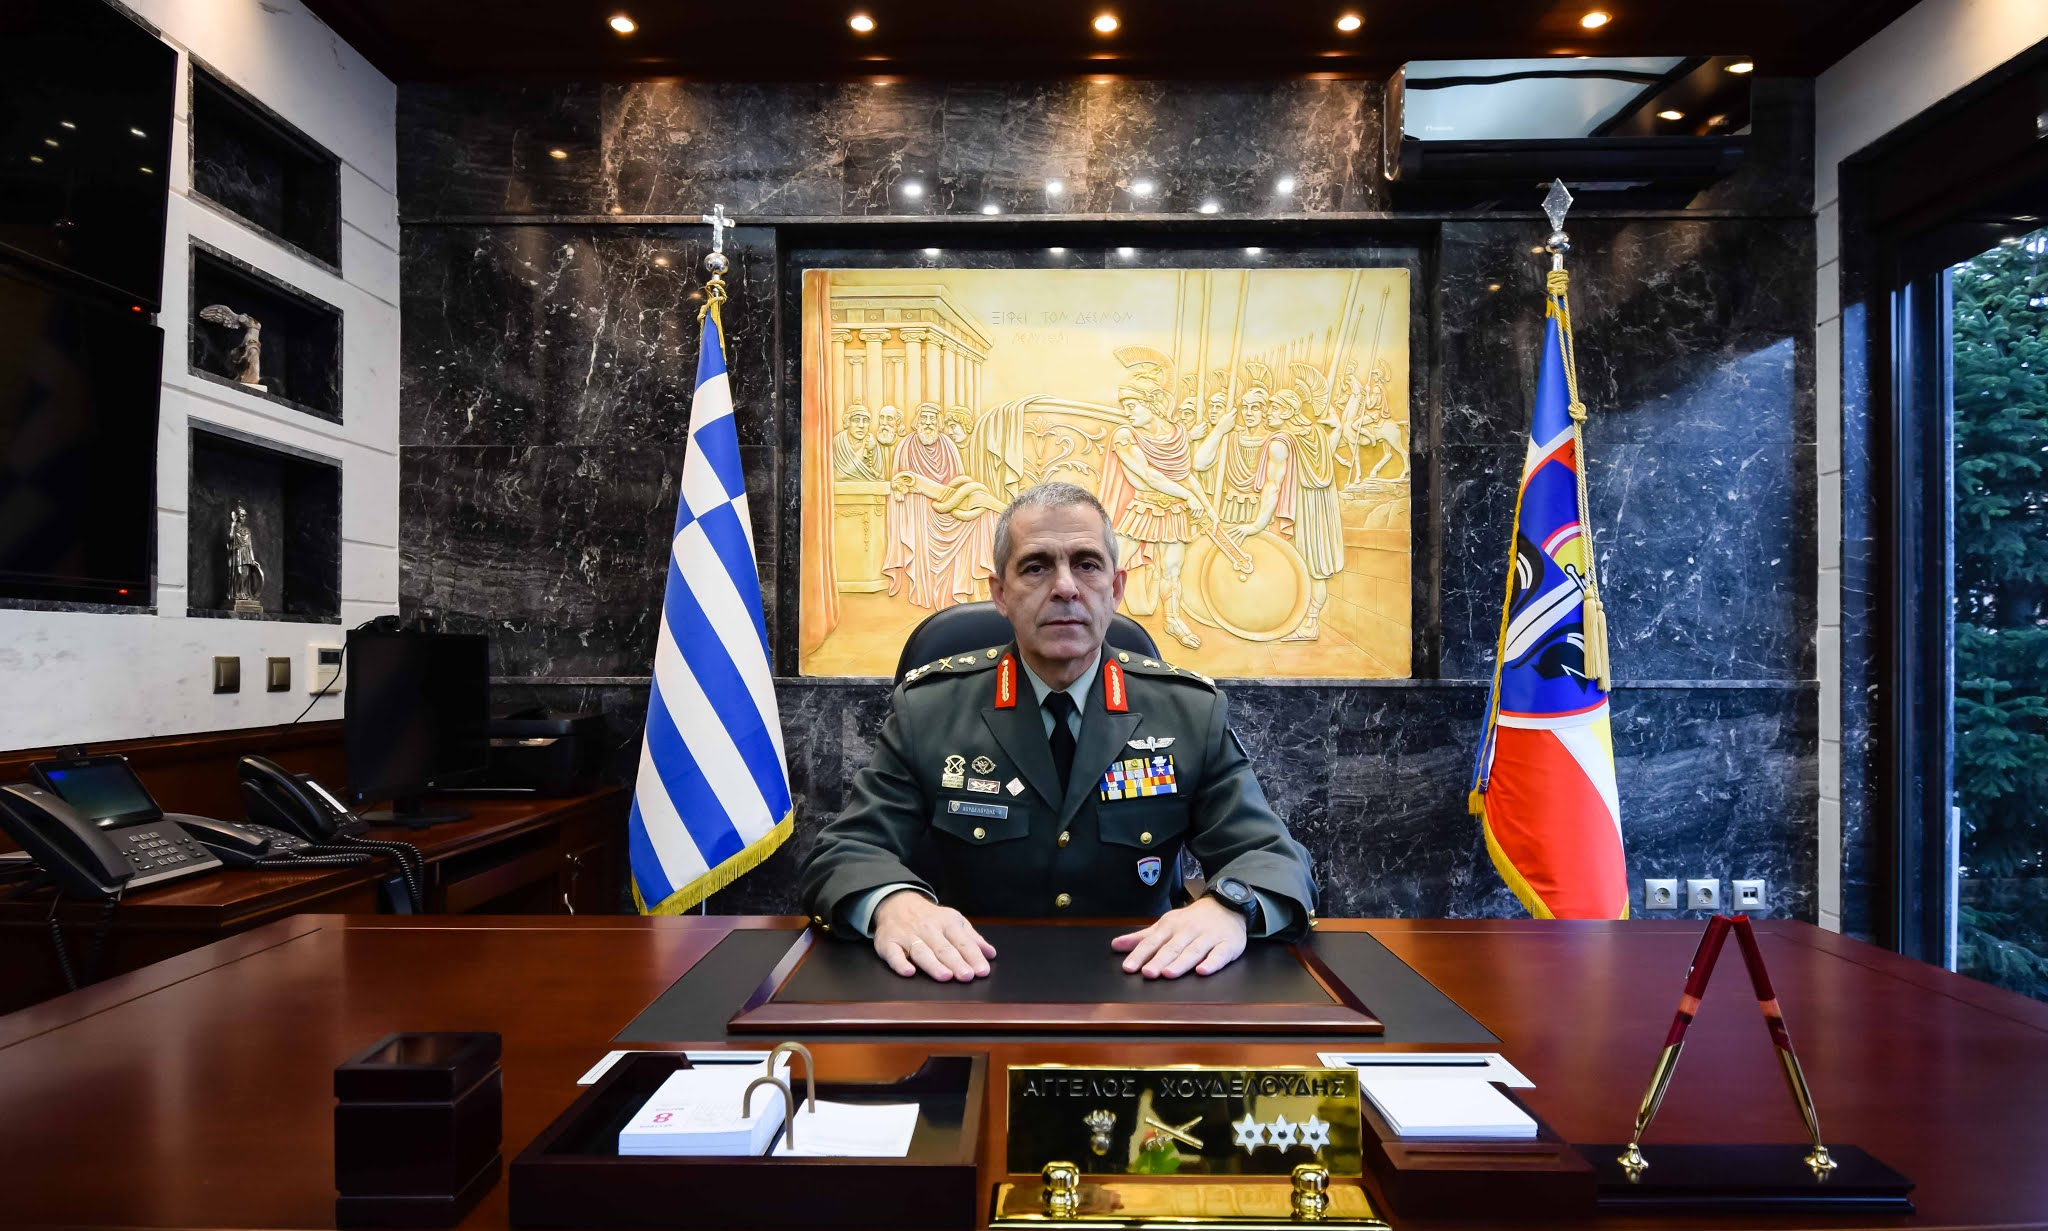 Ποιος είναι ο Άγγελος Χουδελούδης, ο νέος Διοικητής του Δ'ΣΣ [ΦΩΤΟ]